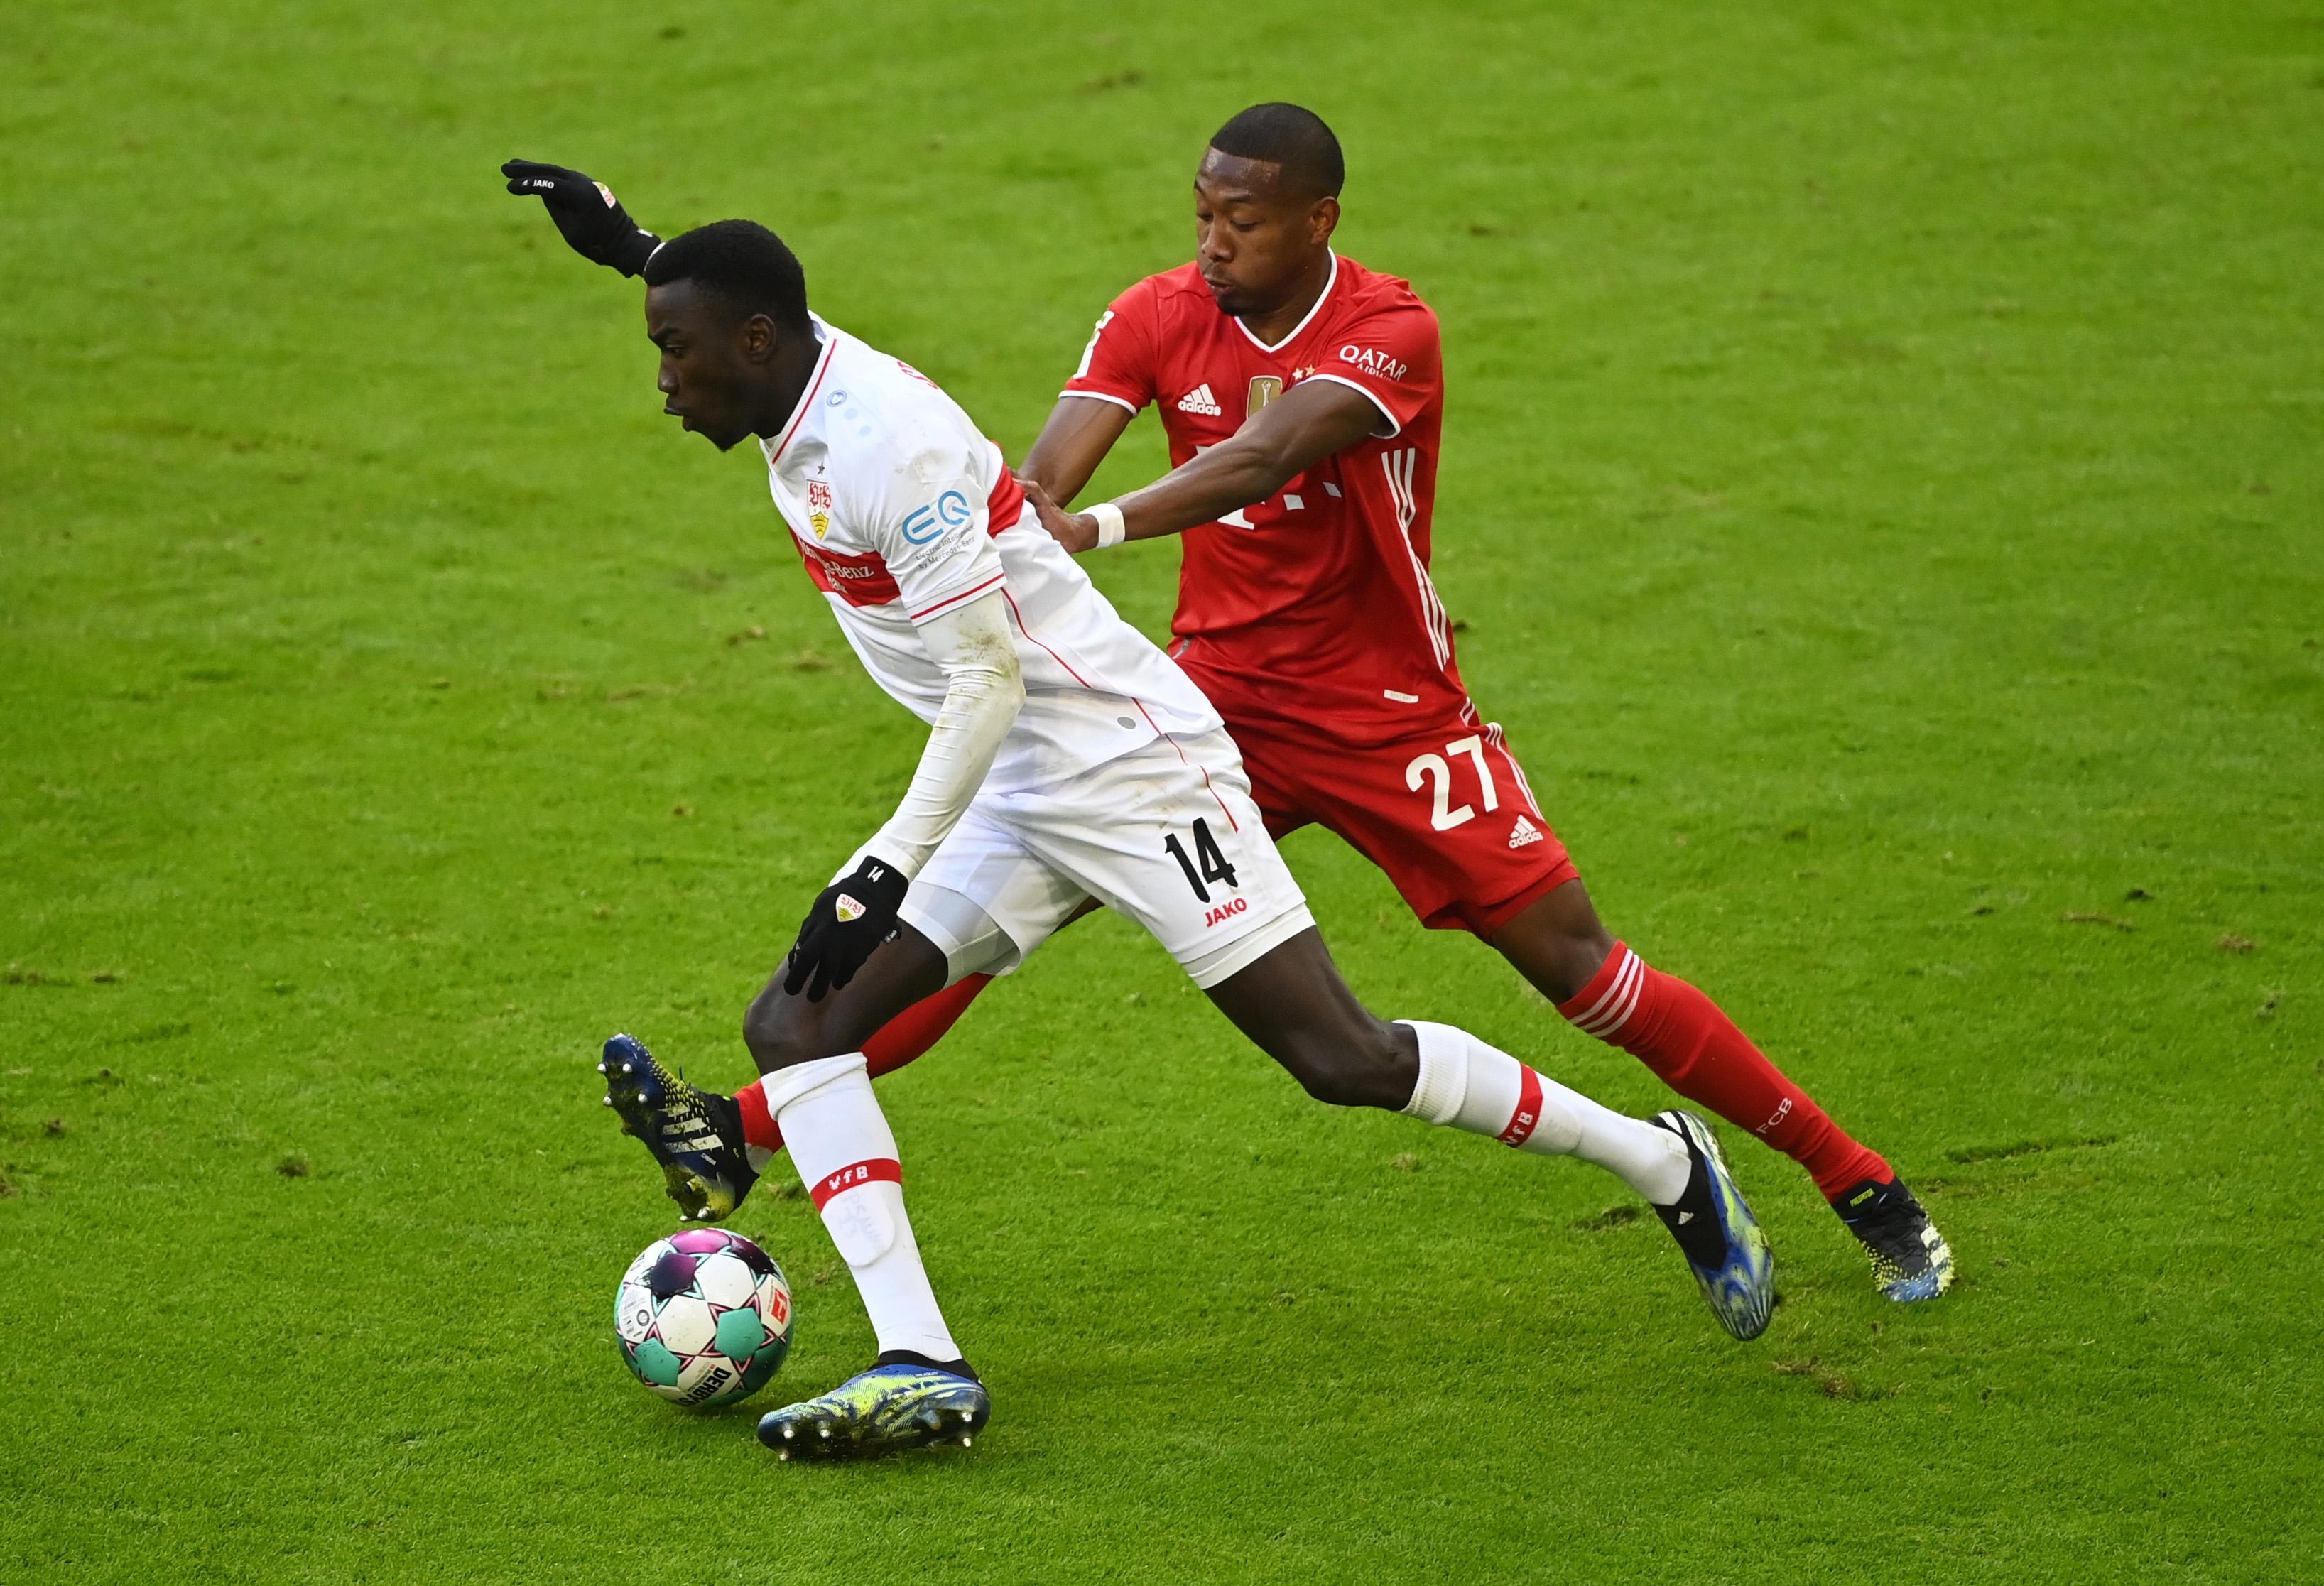 Bundesliga - Bayern Munich v VfB Stuttgart